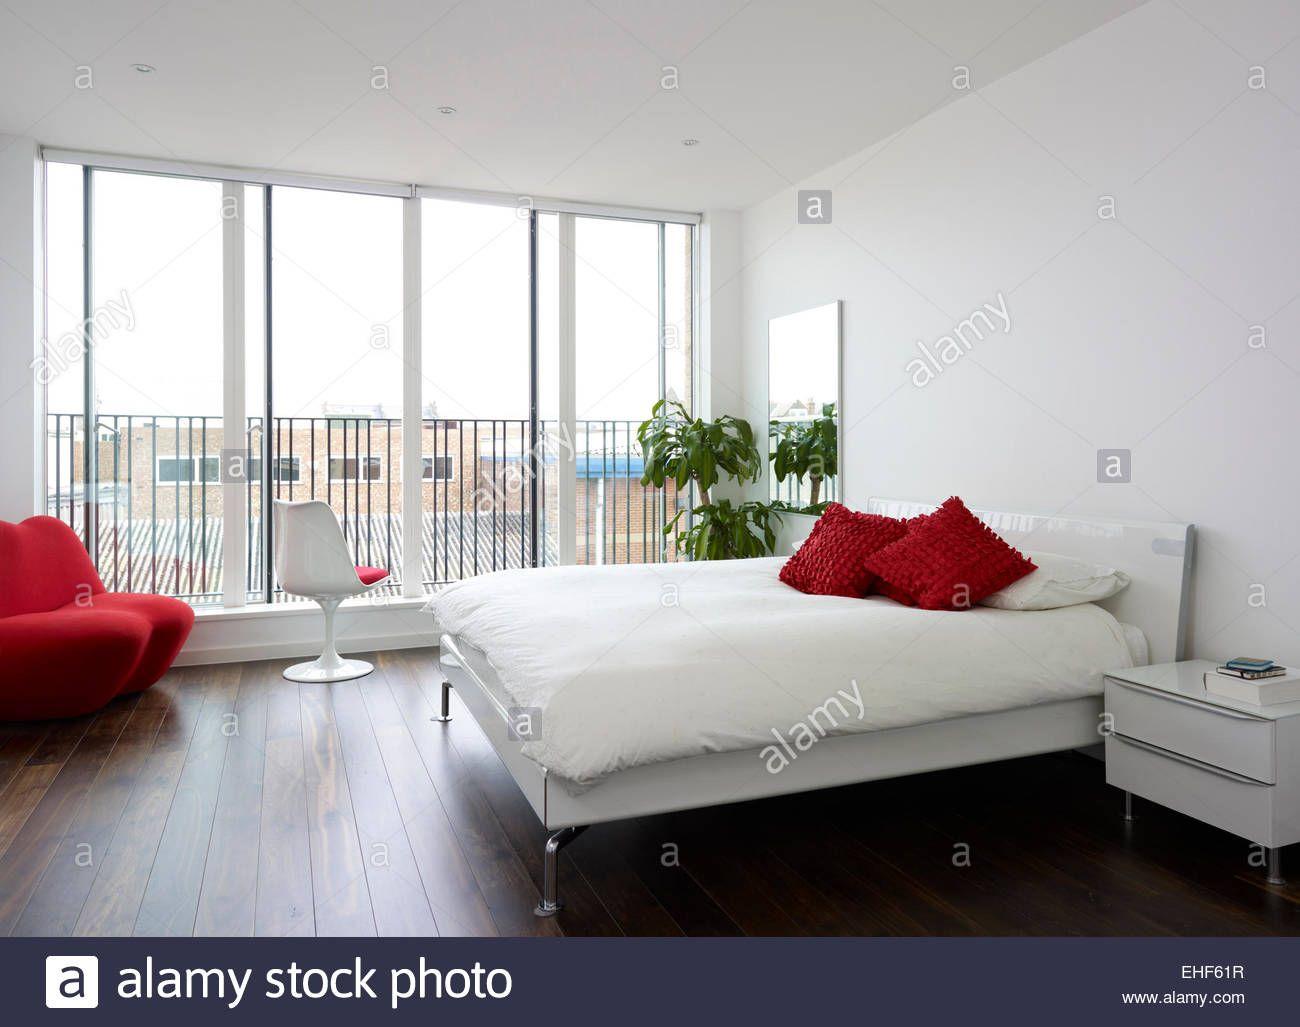 Pavimenti Camere Da Letto Moderne esegui il download di questa immagine stock: camere da letto